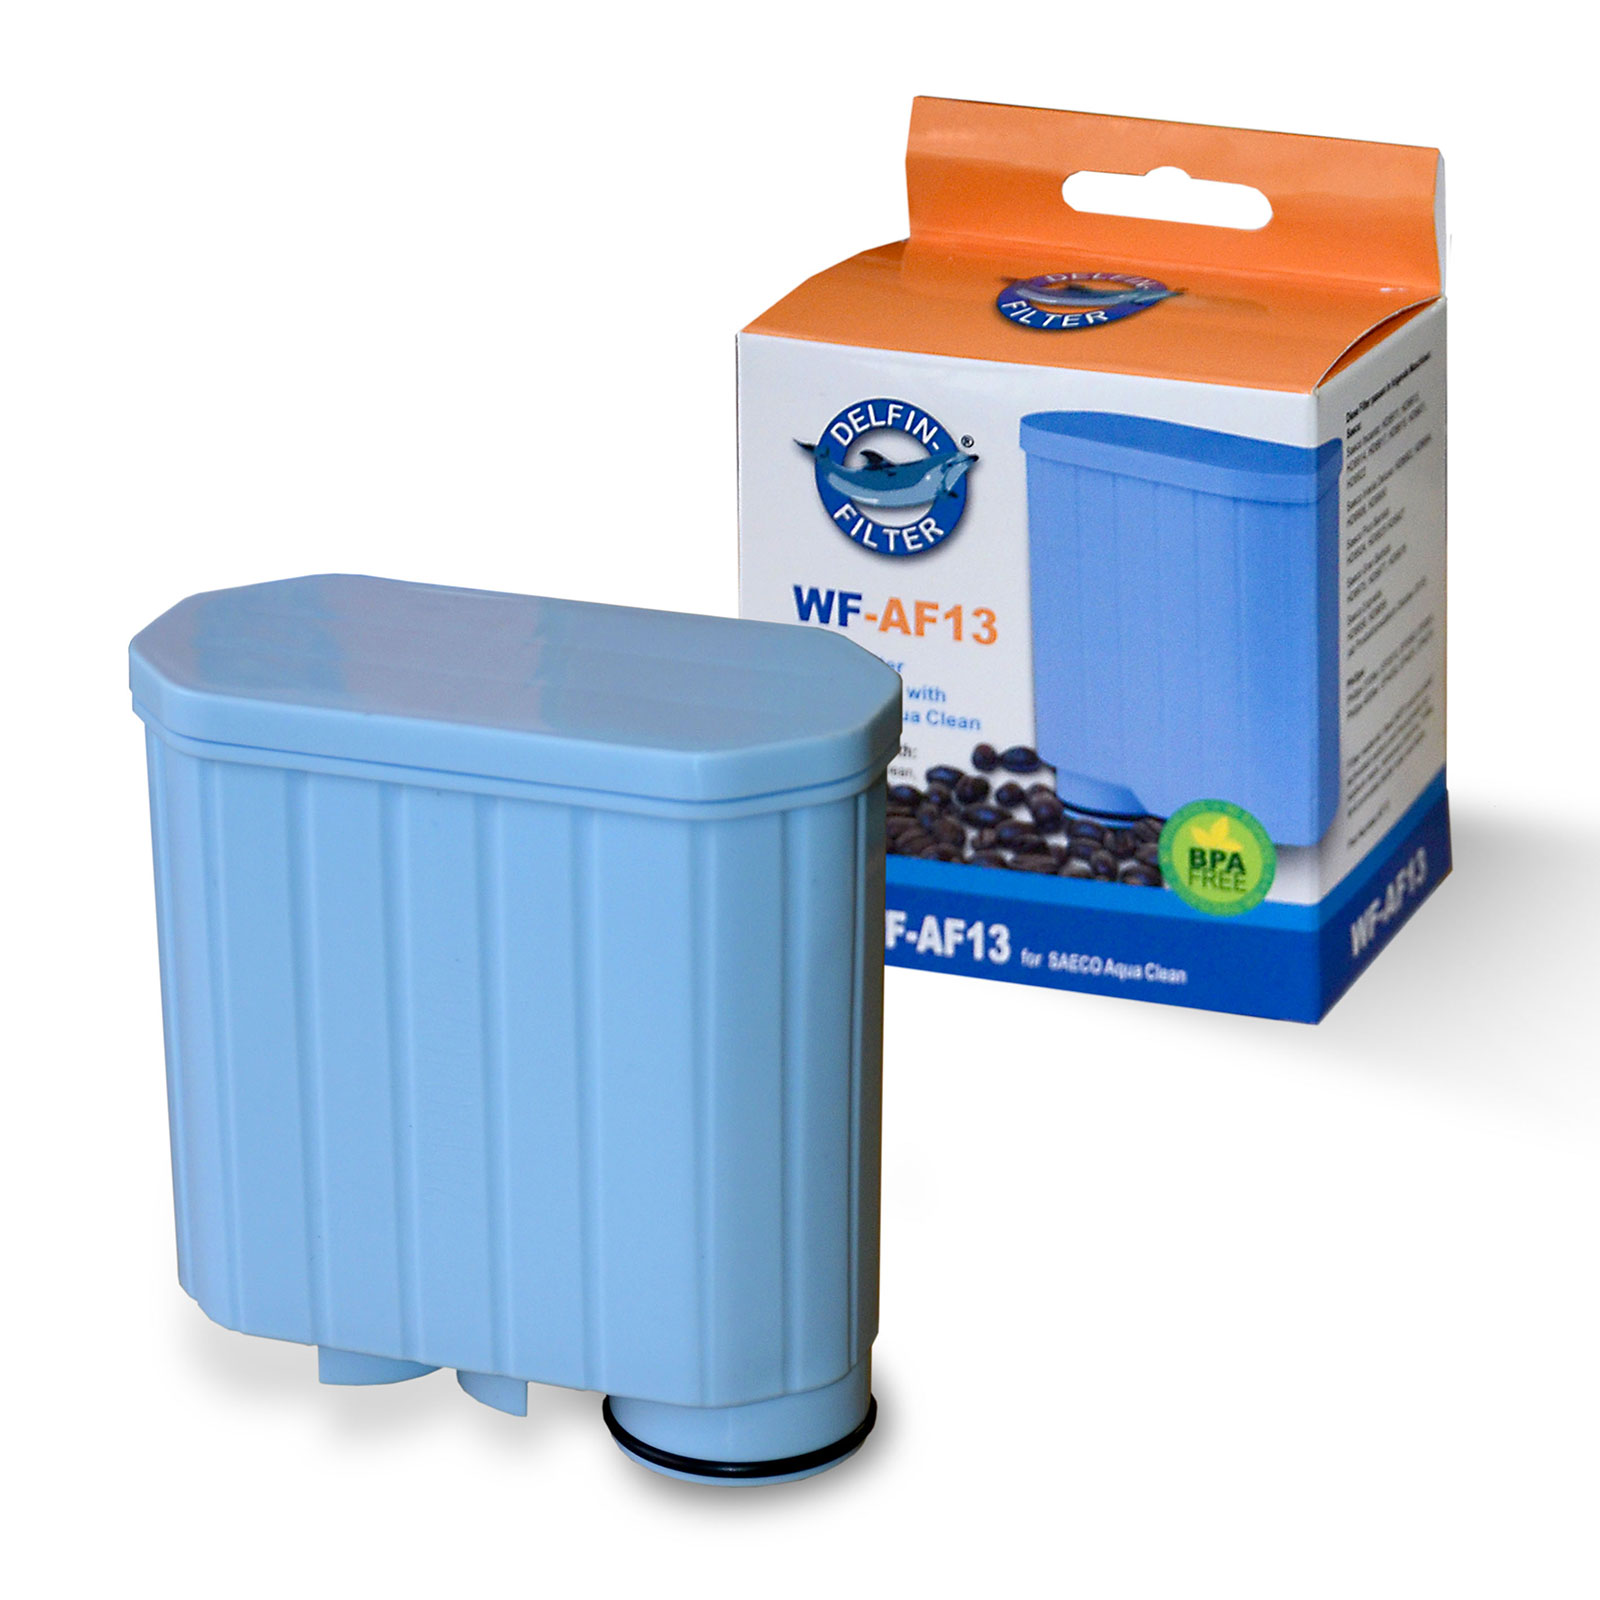 1x Wasserfilter kompatibel mit AquaClean CA6903 SAECO Delfin WF-AF13   Wasserstelle, Ihr Spezialist für gutes Wasser